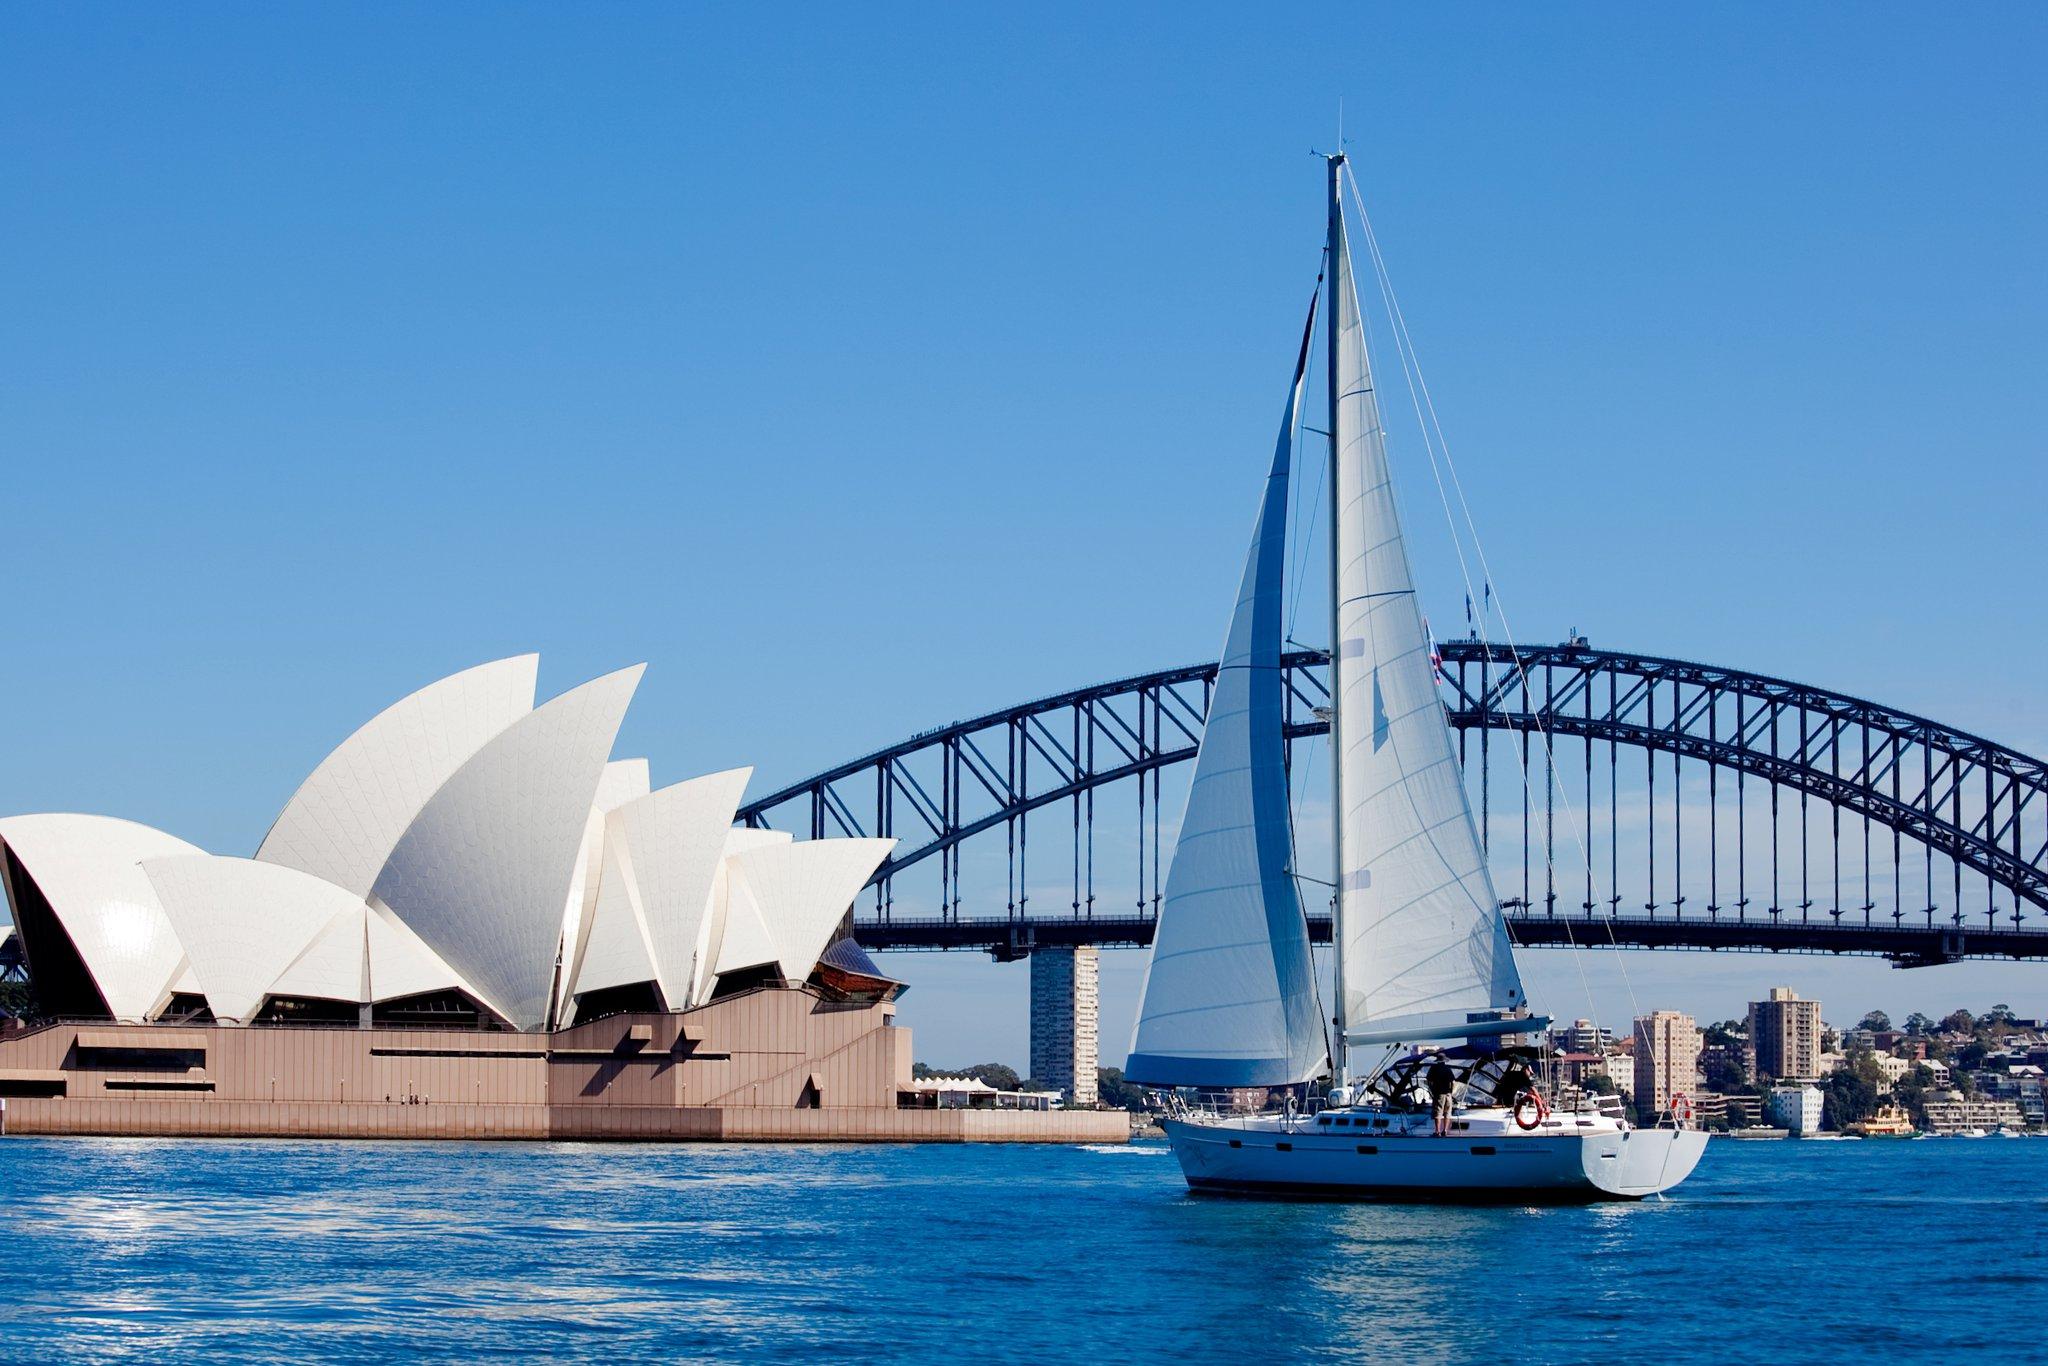 Khám phá cuộc sống du học sinh Úc tại Sydney